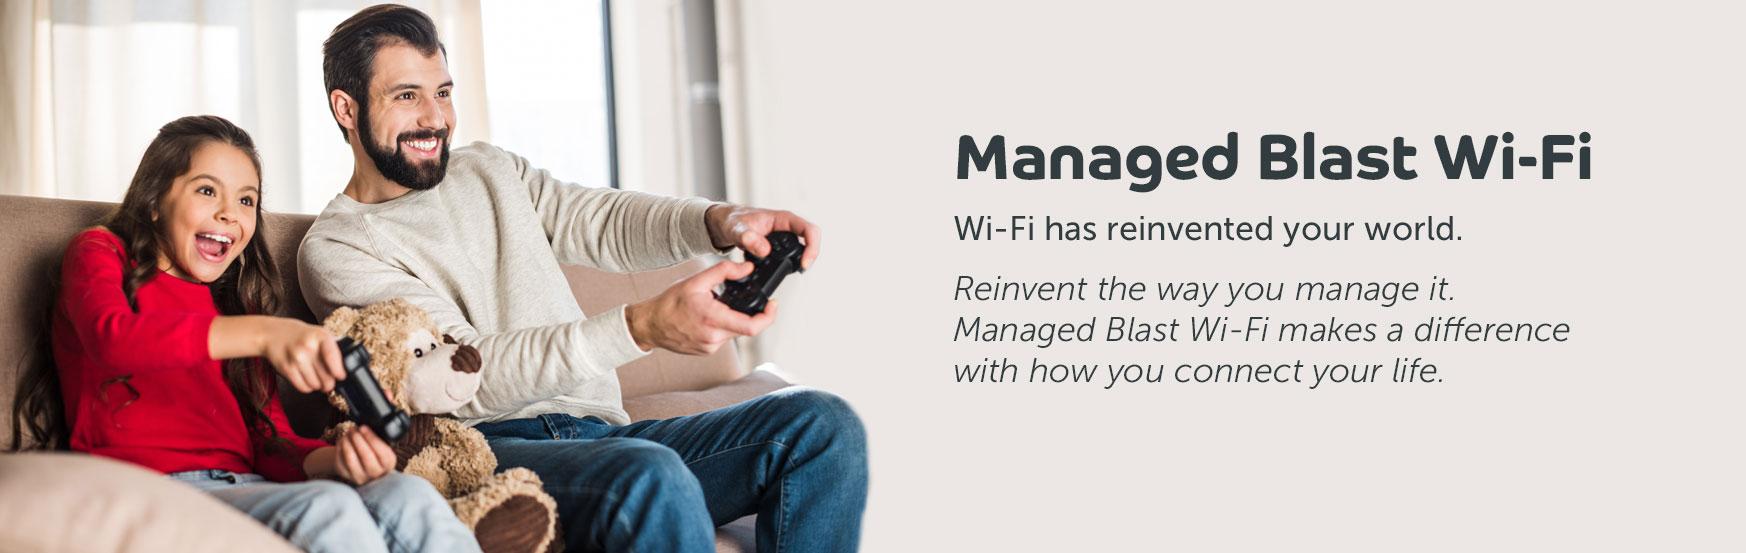 CentraCom Managed Wi-Fi